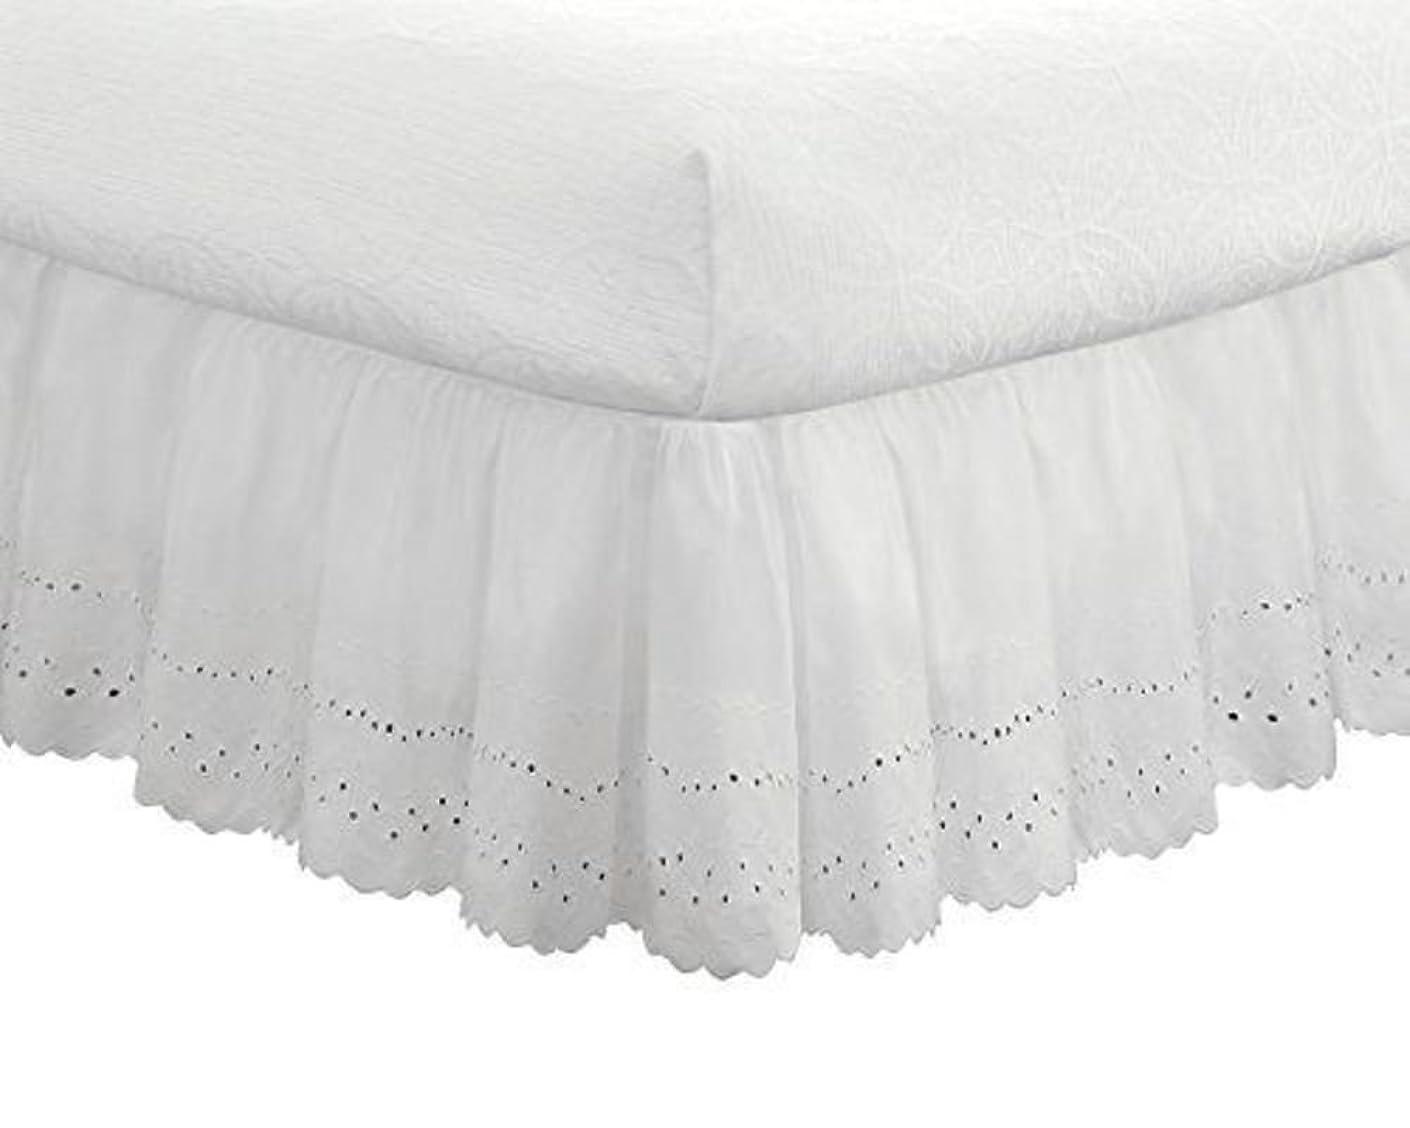 稚魚そんなに病刺繍のベッド スカート,弾性 ポリエステル ベッドの周りをラップ 1 ベッドスカート, 耐フェード しわ 簡単なケア ベッドスカート- 100x200x38cm